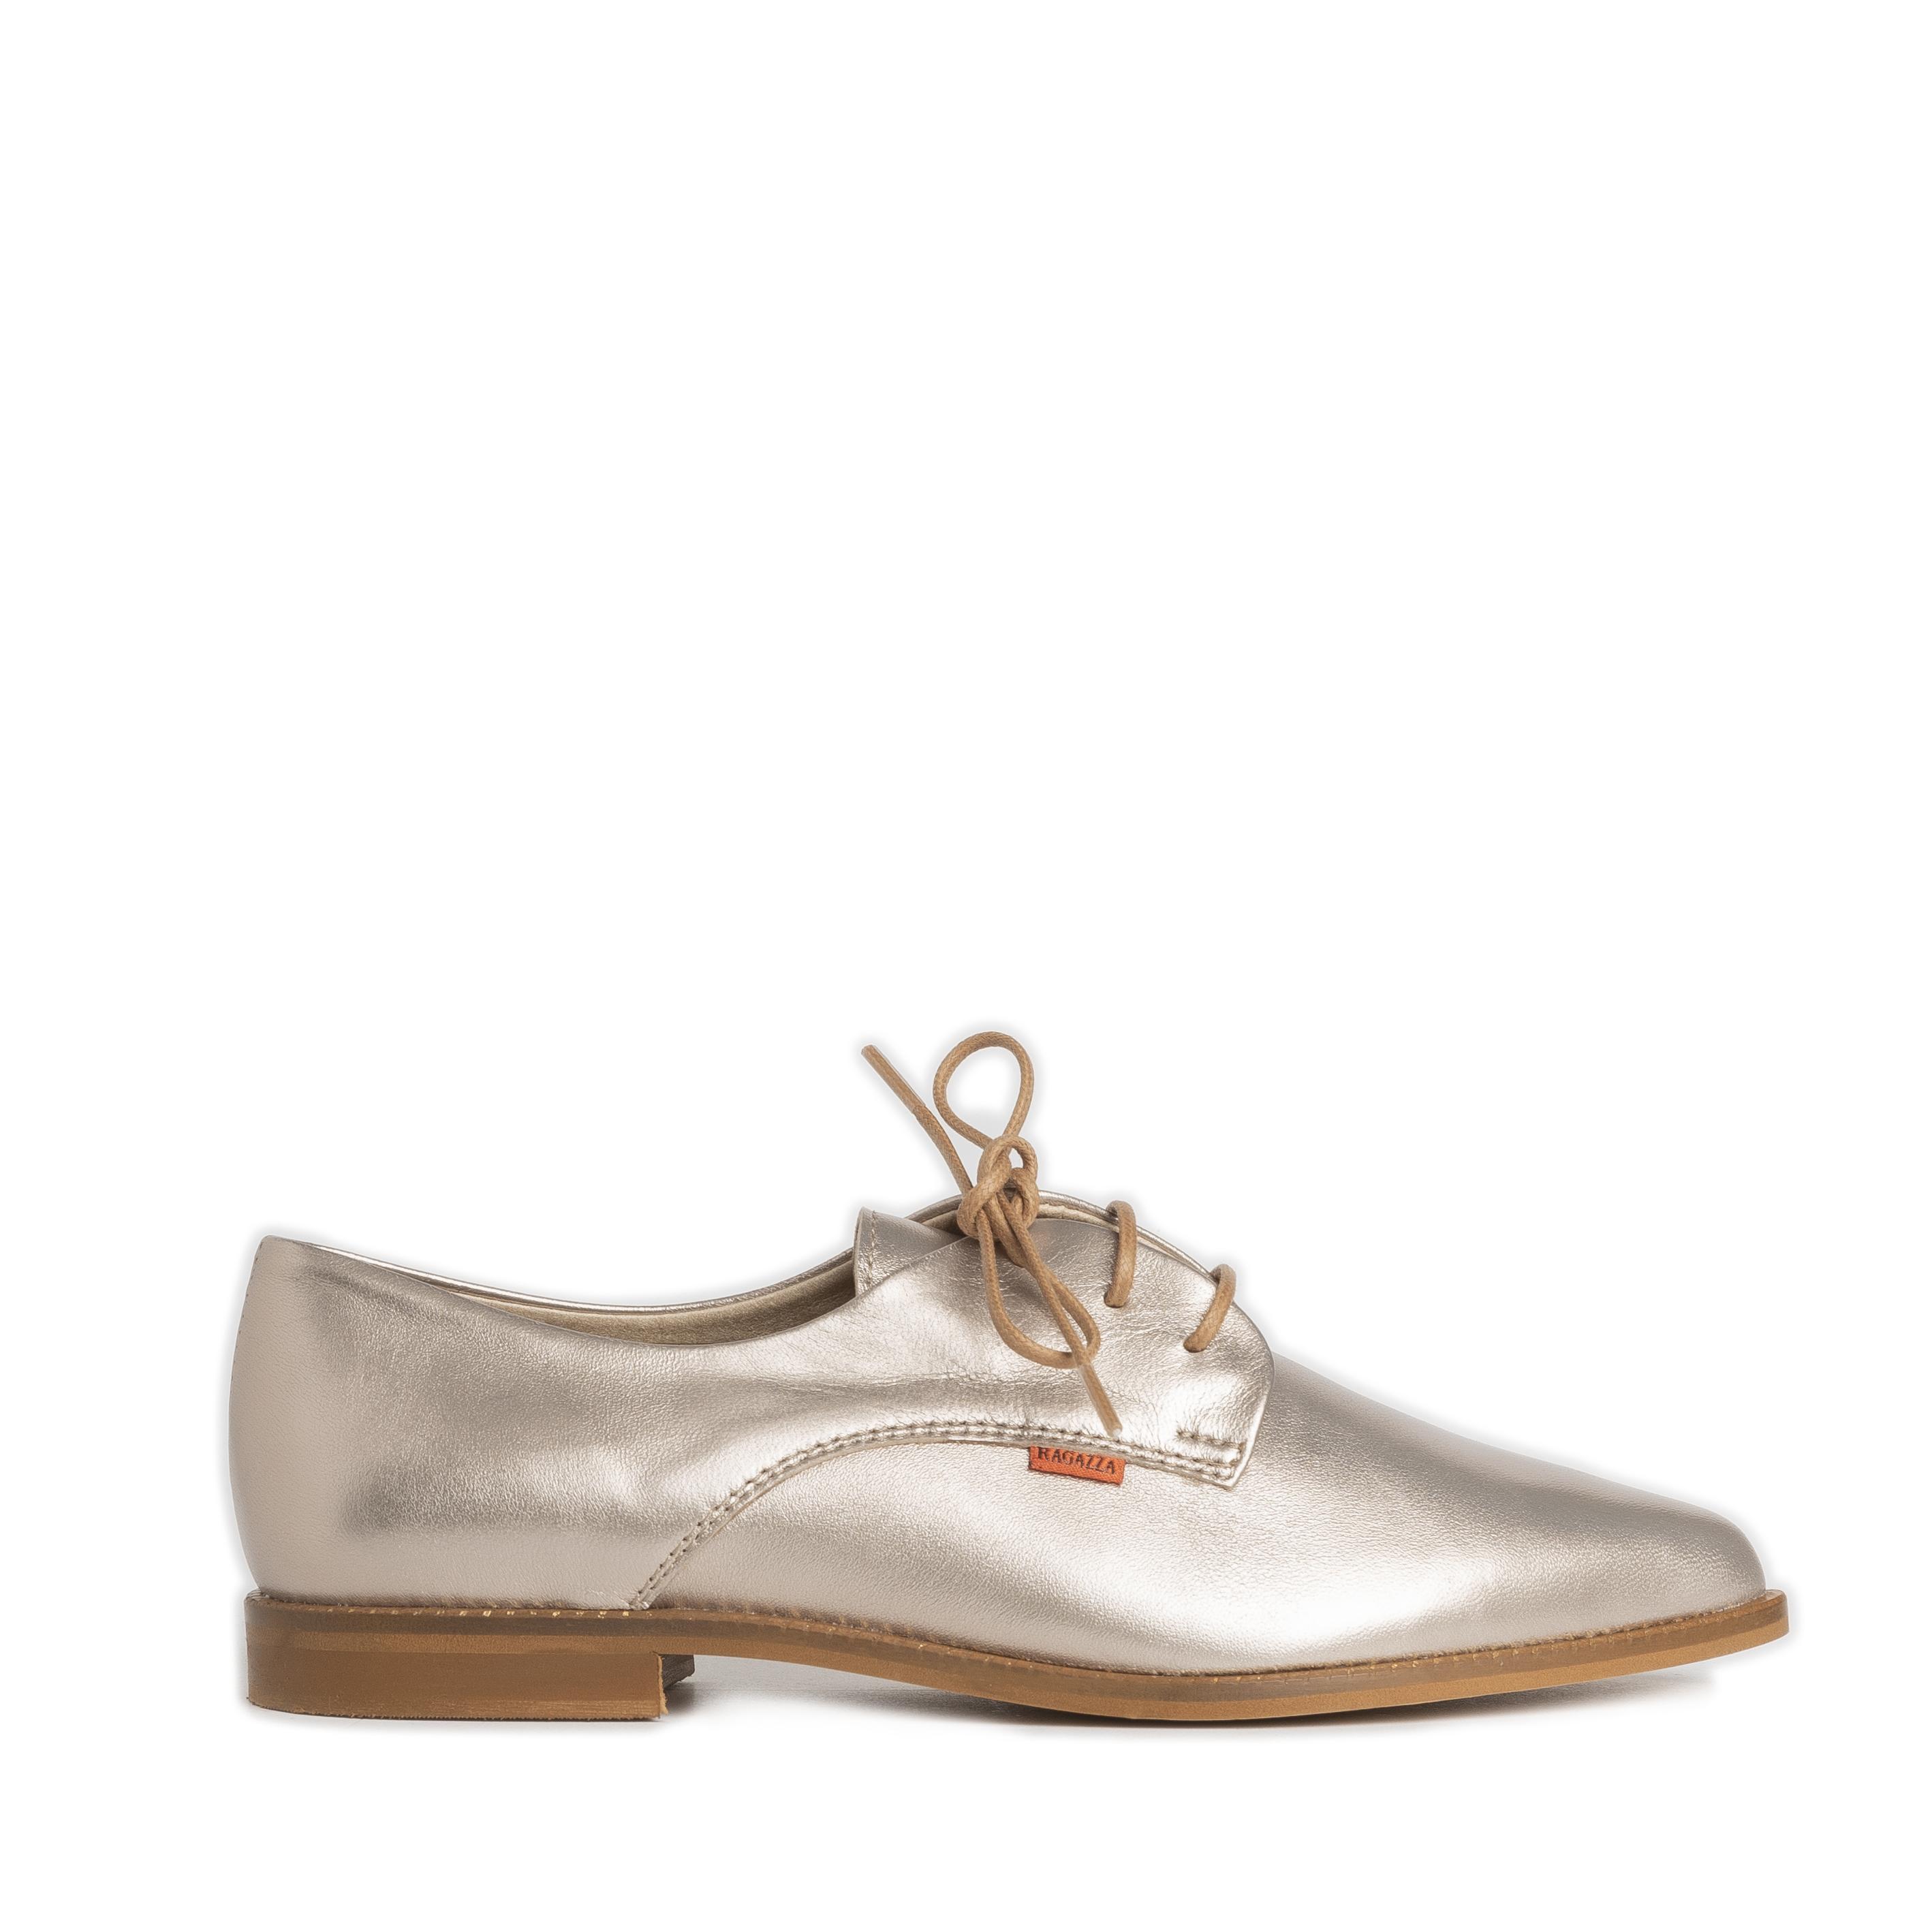 Γυναικεία Παπούτσια Ragazza 0134 Χρυσό